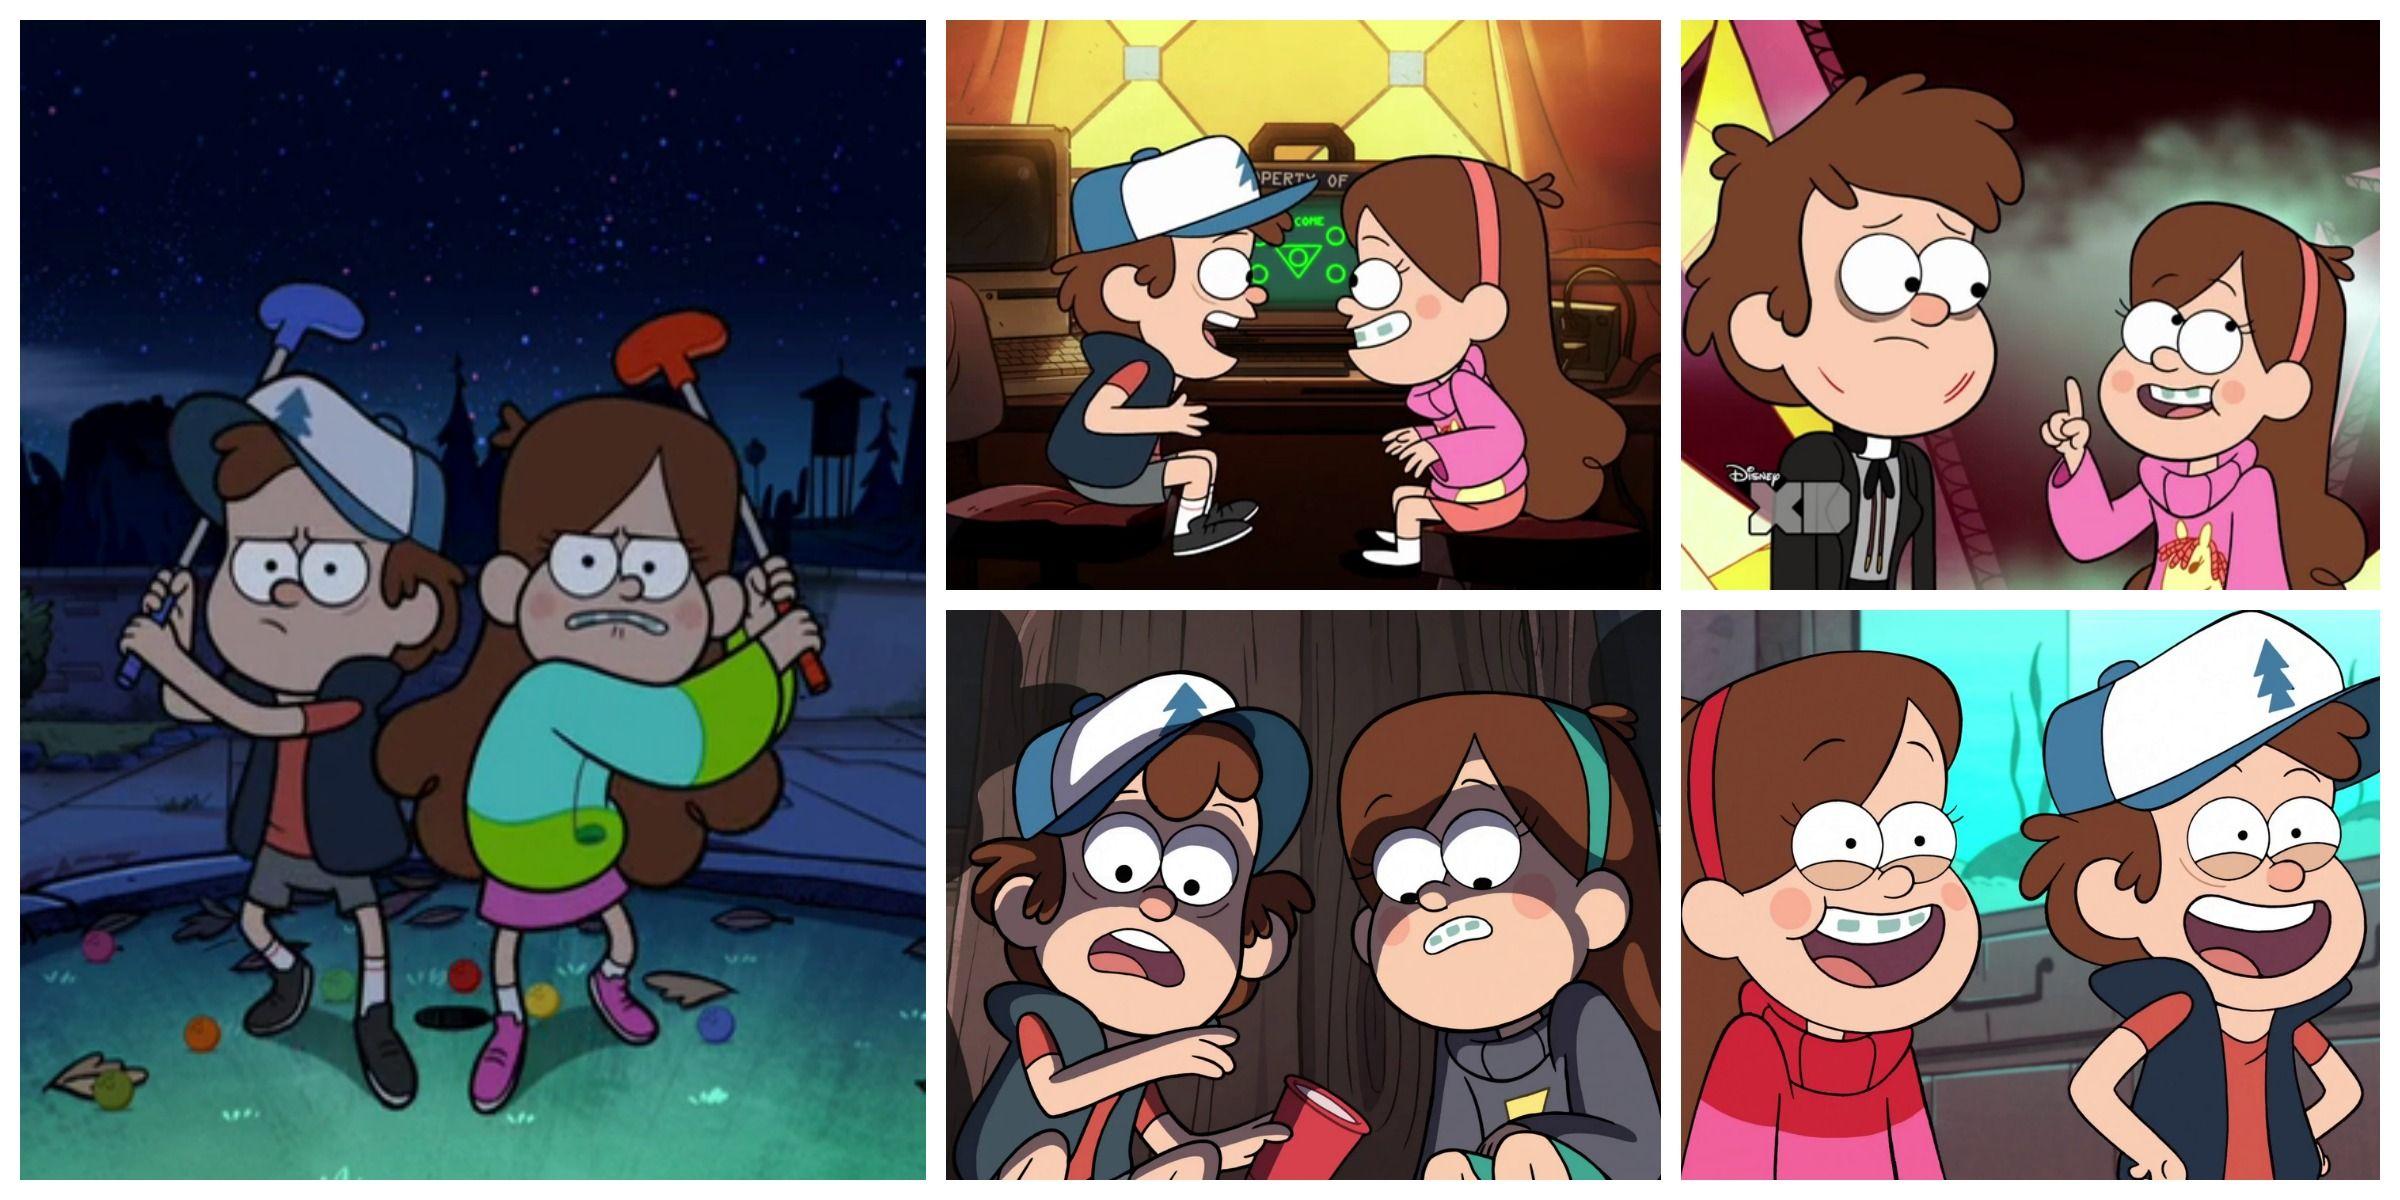 Dipper Y Mabel Pines Son Dos Hermanos Gemelos Enviados Por Sus Padres A Pasar Sus Vacaciones De Verano Con Dipper And Mabel Gravity Falls Gravity Falls Dipper